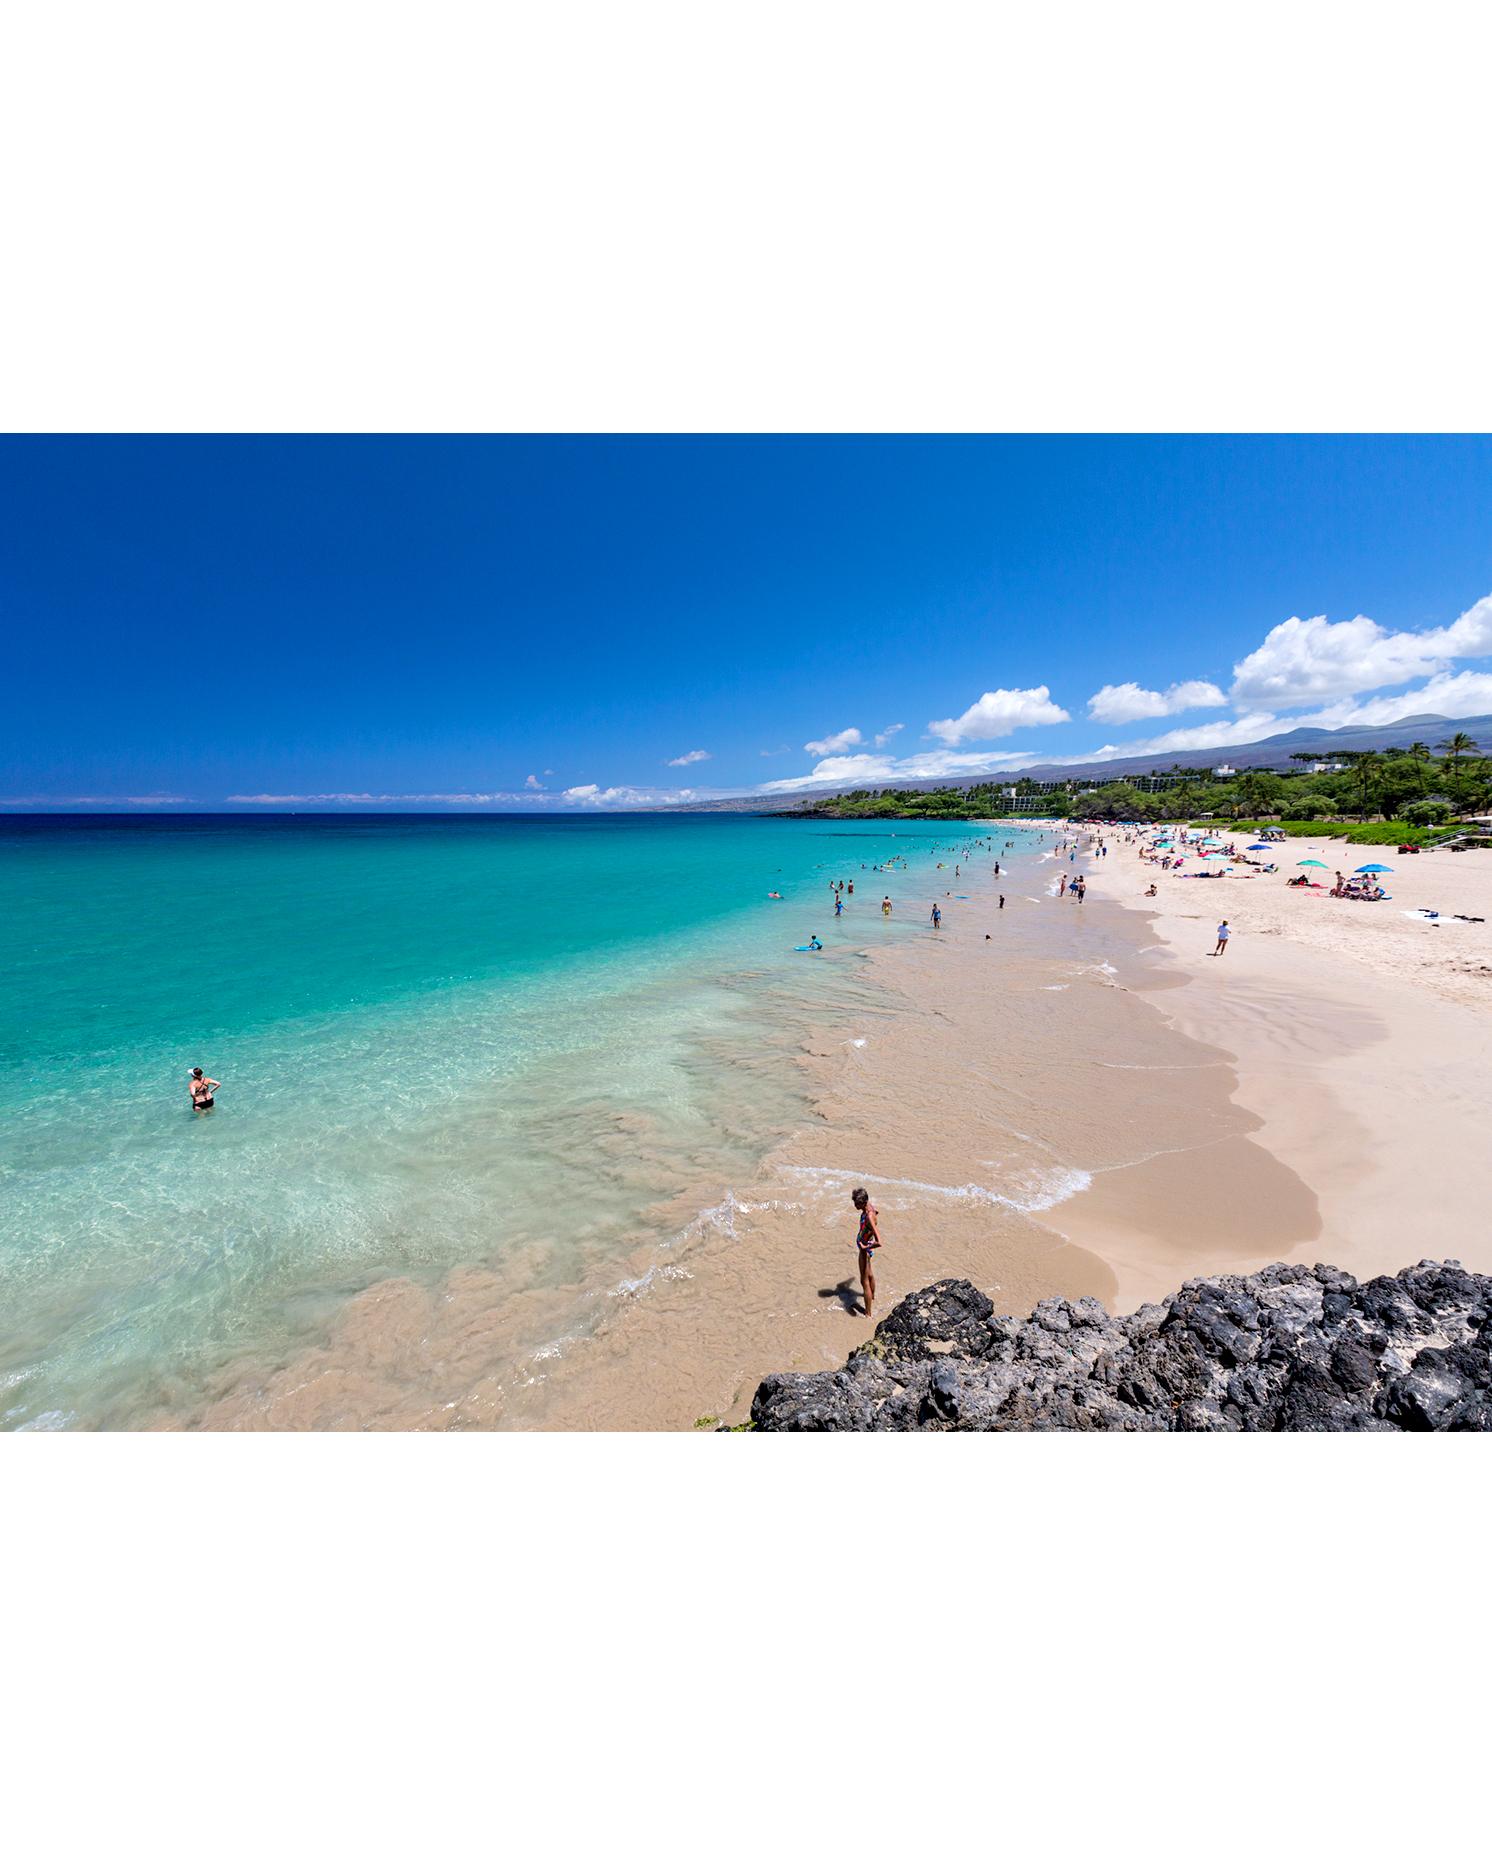 Hapuna Beach in Hawaii